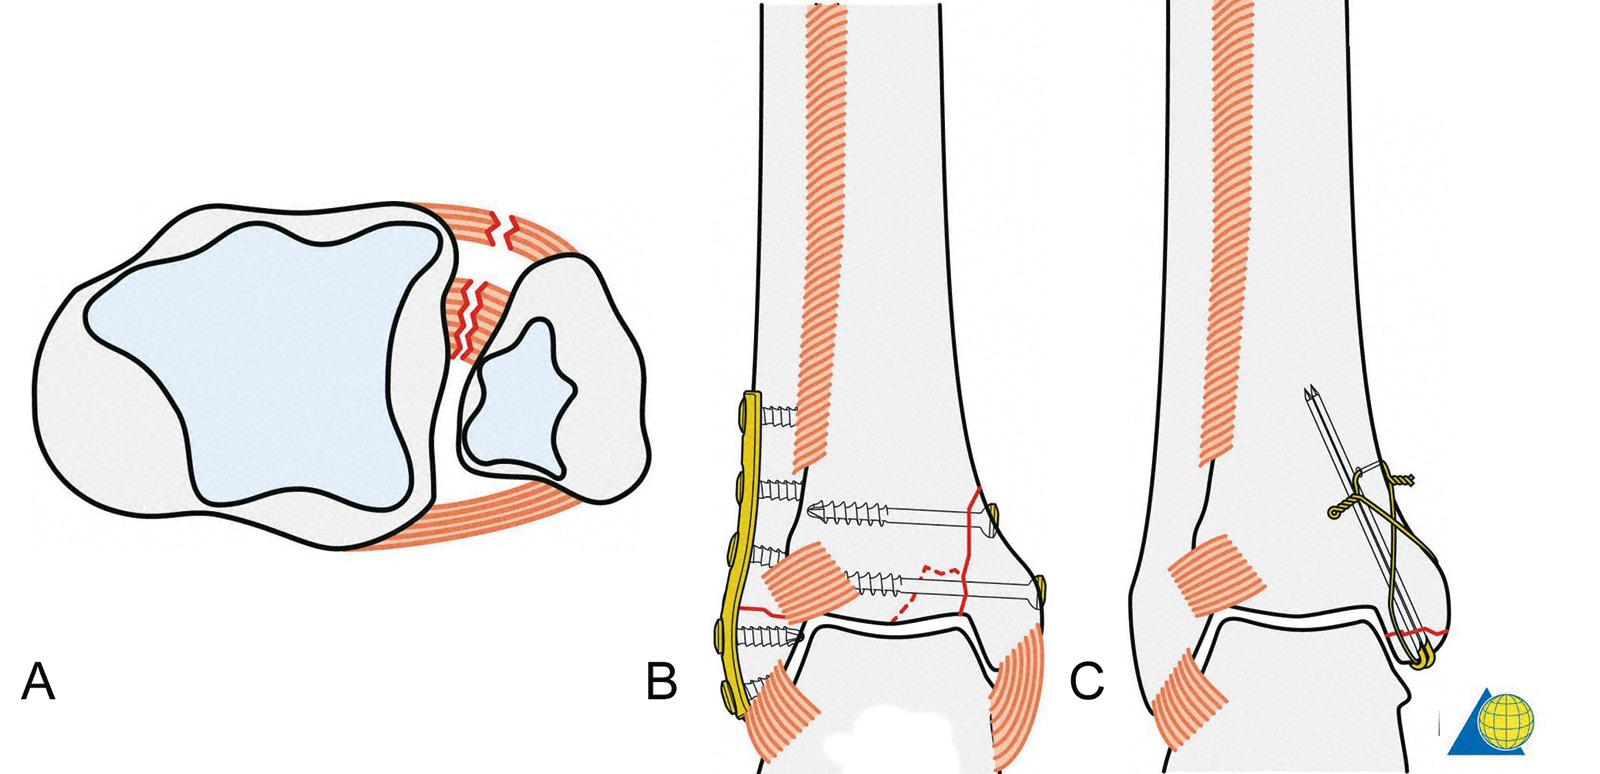 Abb. 3-55: Verletzung des Lig. tibiofibulare anterius und der Syndesmose (A), Fibulafraktur Typ A nach AO und Fraktur des medialen Malleolus nach Fixierung (B), Typ A Fraktur des medialen Malleolus fixiert mit einer Zuggurtungsosteosynthese (C) (mit freun